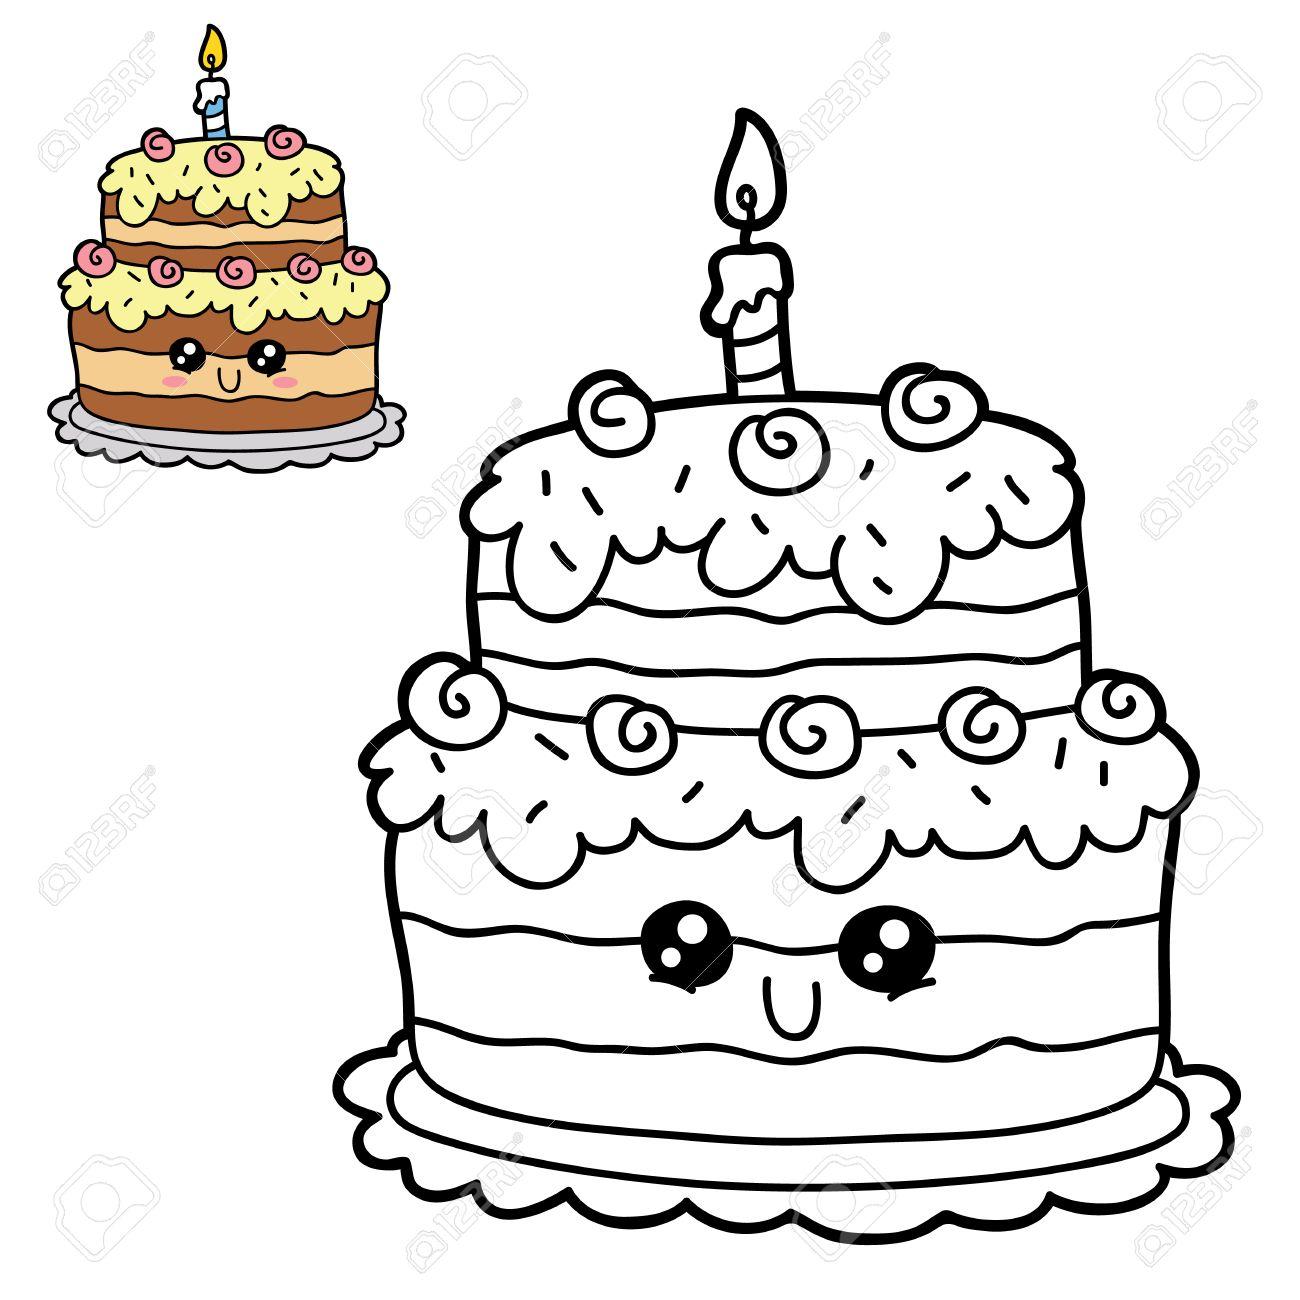 Páginas Para Colorear De Pastel De Cumpleaños | My blog